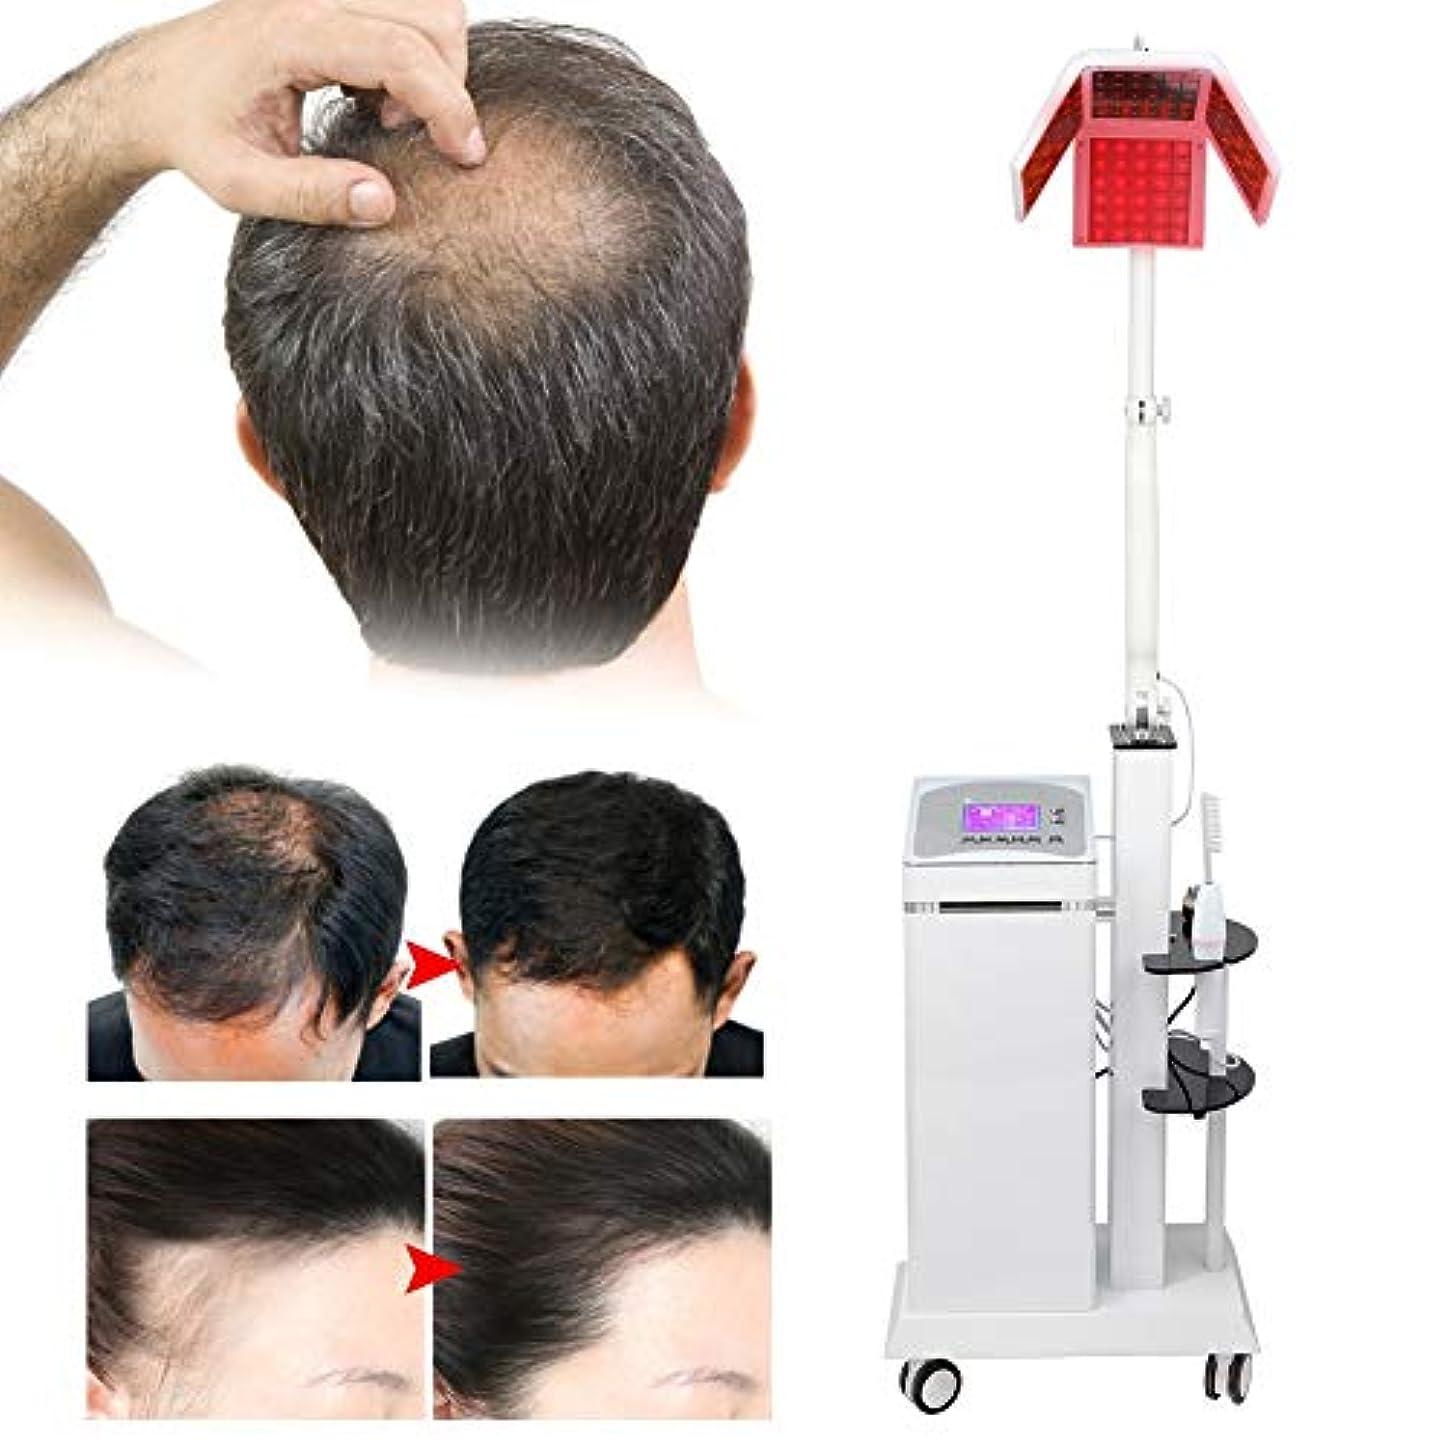 制限する貪欲じゃない男性および女性向けの脱毛、薄毛、脱毛、脱毛のソリューションのための脱毛マシン、修復および再生治療システム, 髪の成長レーザーマシン脱毛治療ジェネレーターヘアケア機器(米国プラグ110 v)